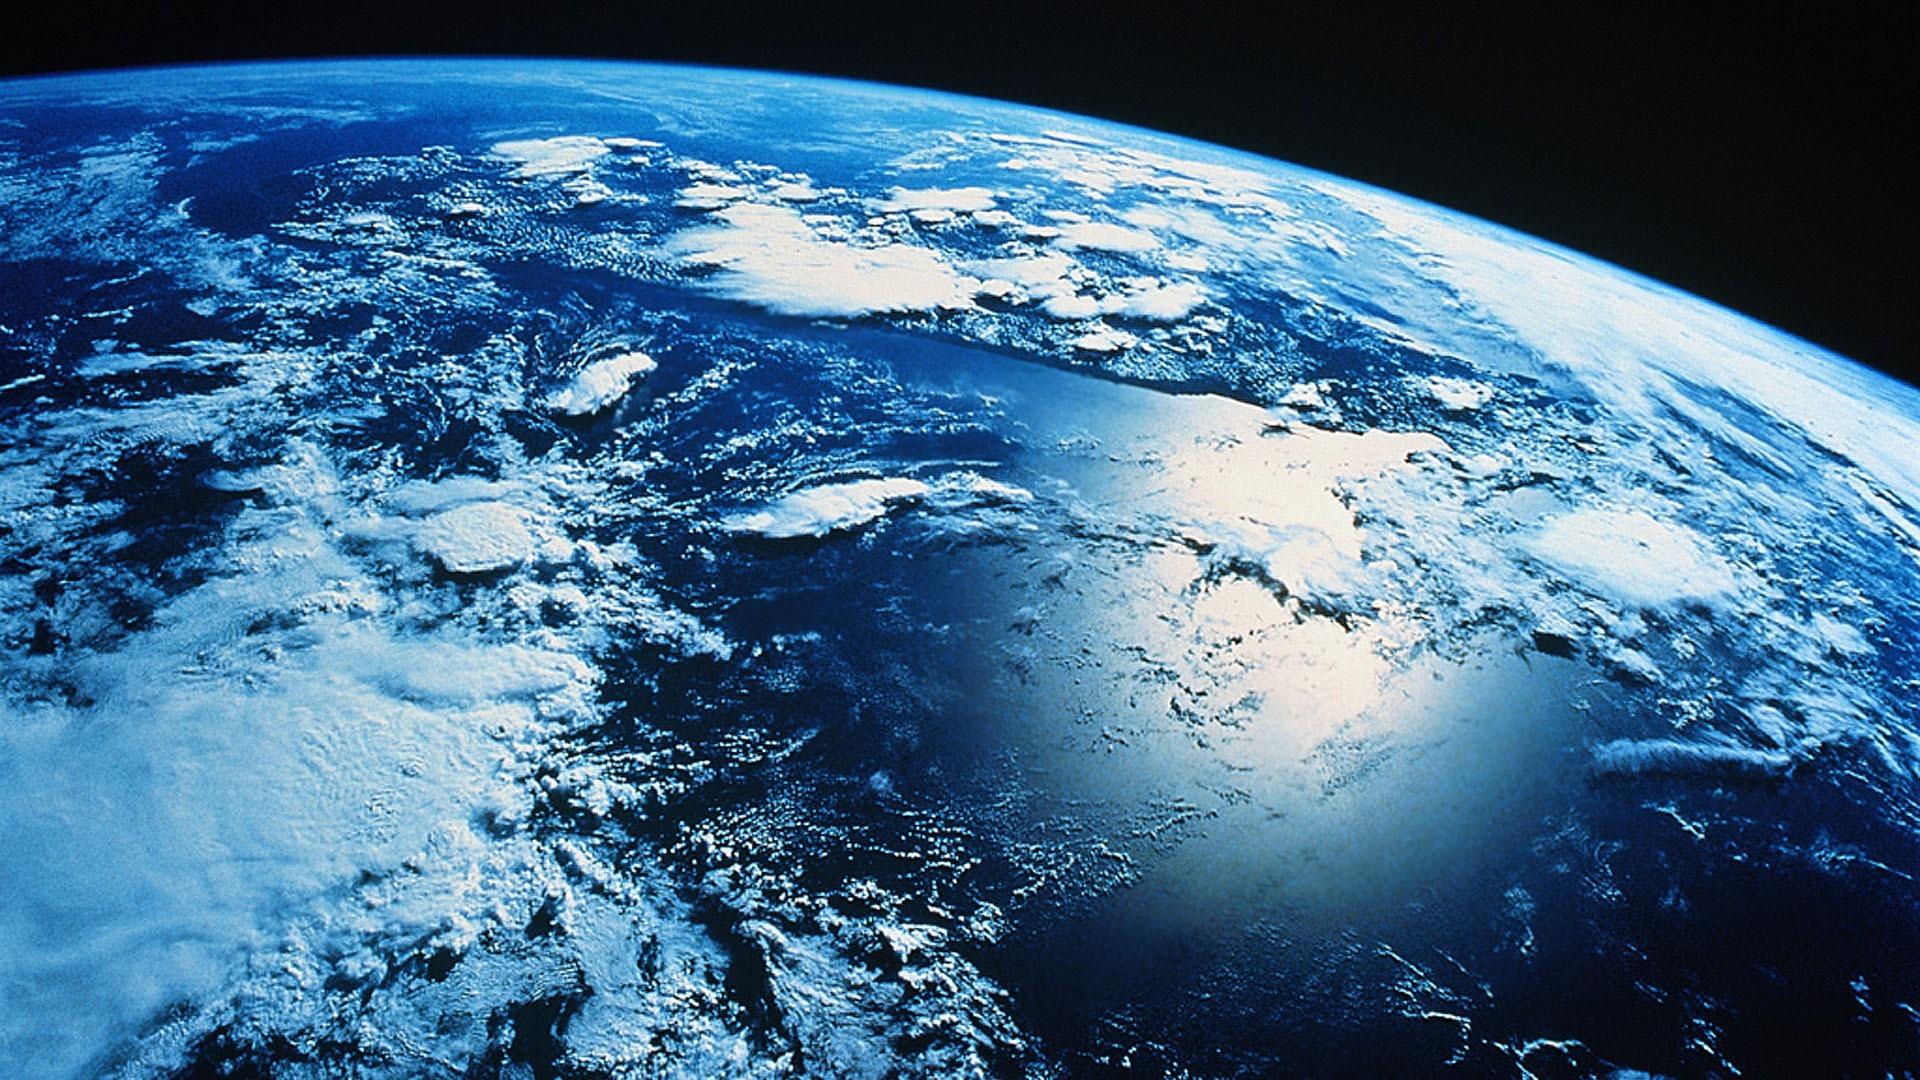 Fotos de satelites orbitando la tierra 84